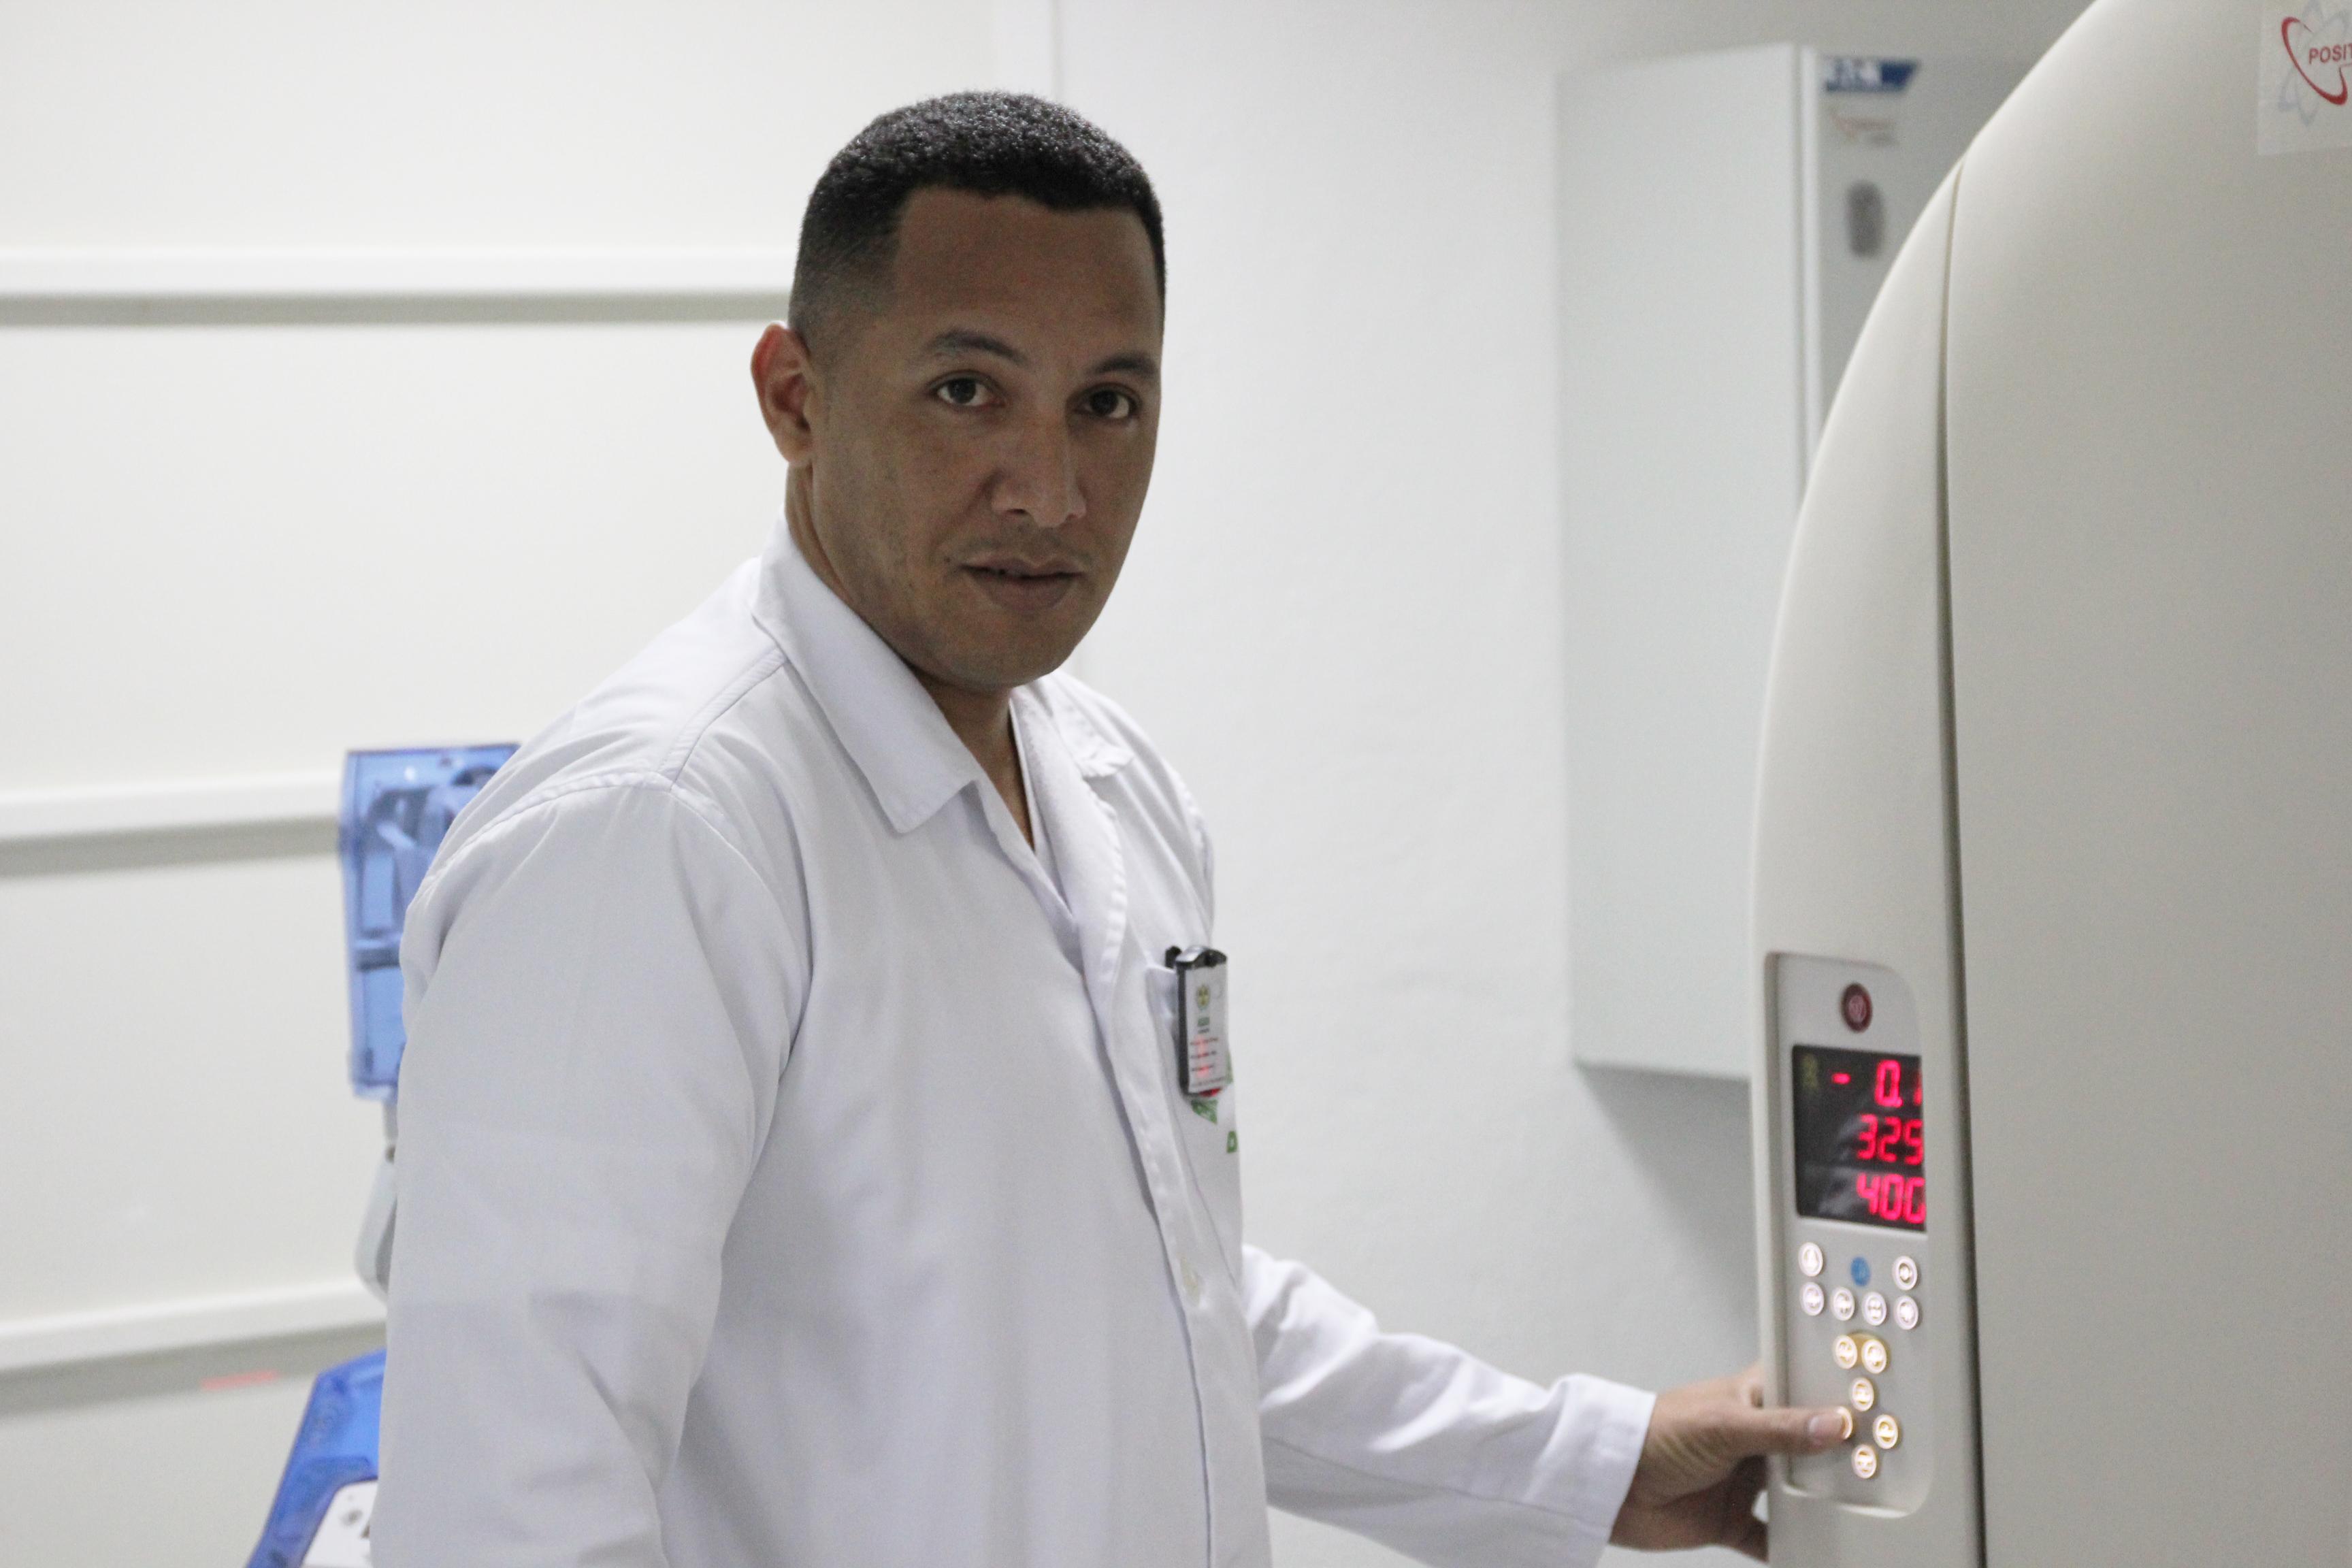 أخصائي أشعة وتصوير